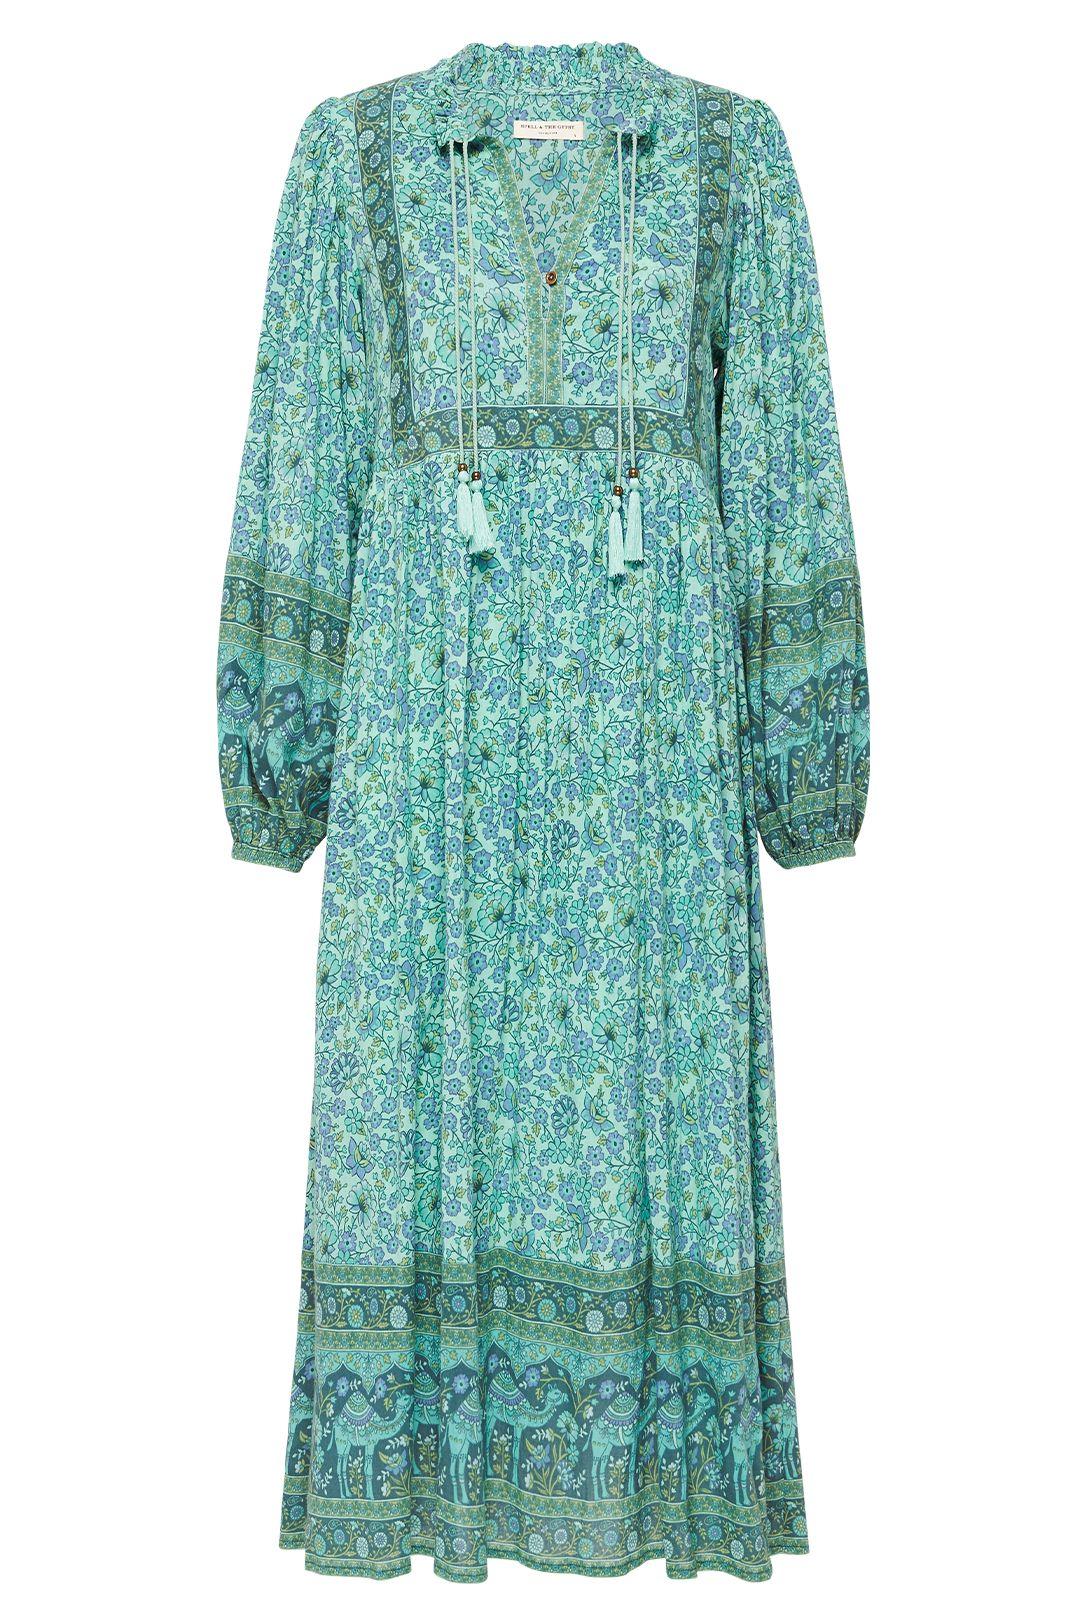 Spell Sundown Boho Dress Turquoise Maxi Length